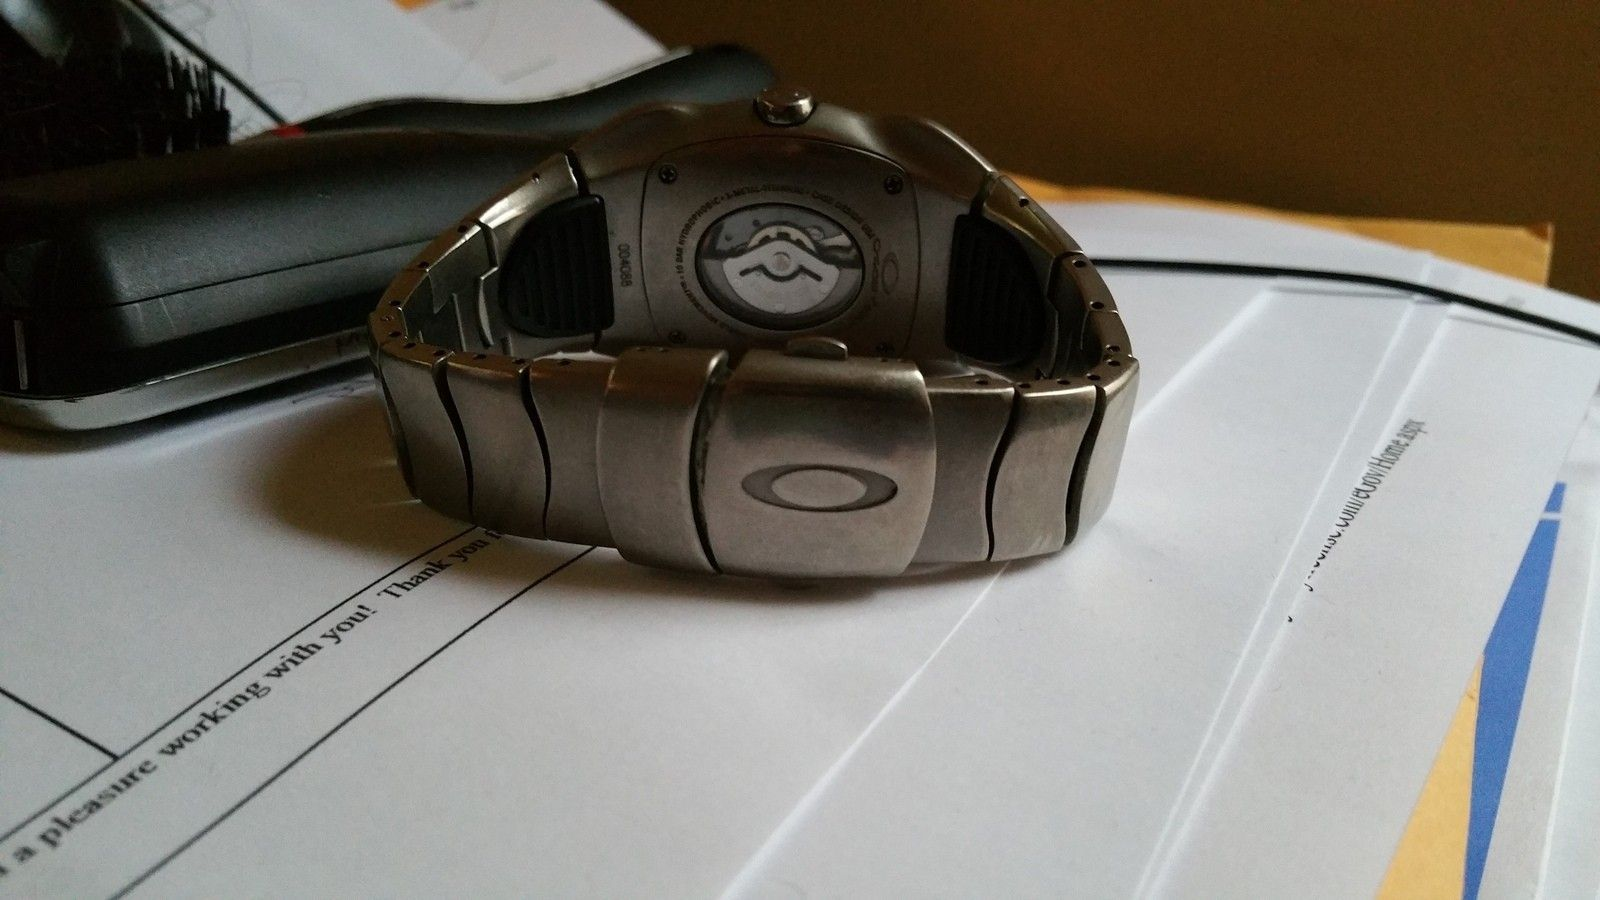 What Timebomb? - uploadfromtaptalk1446904494799.jpg